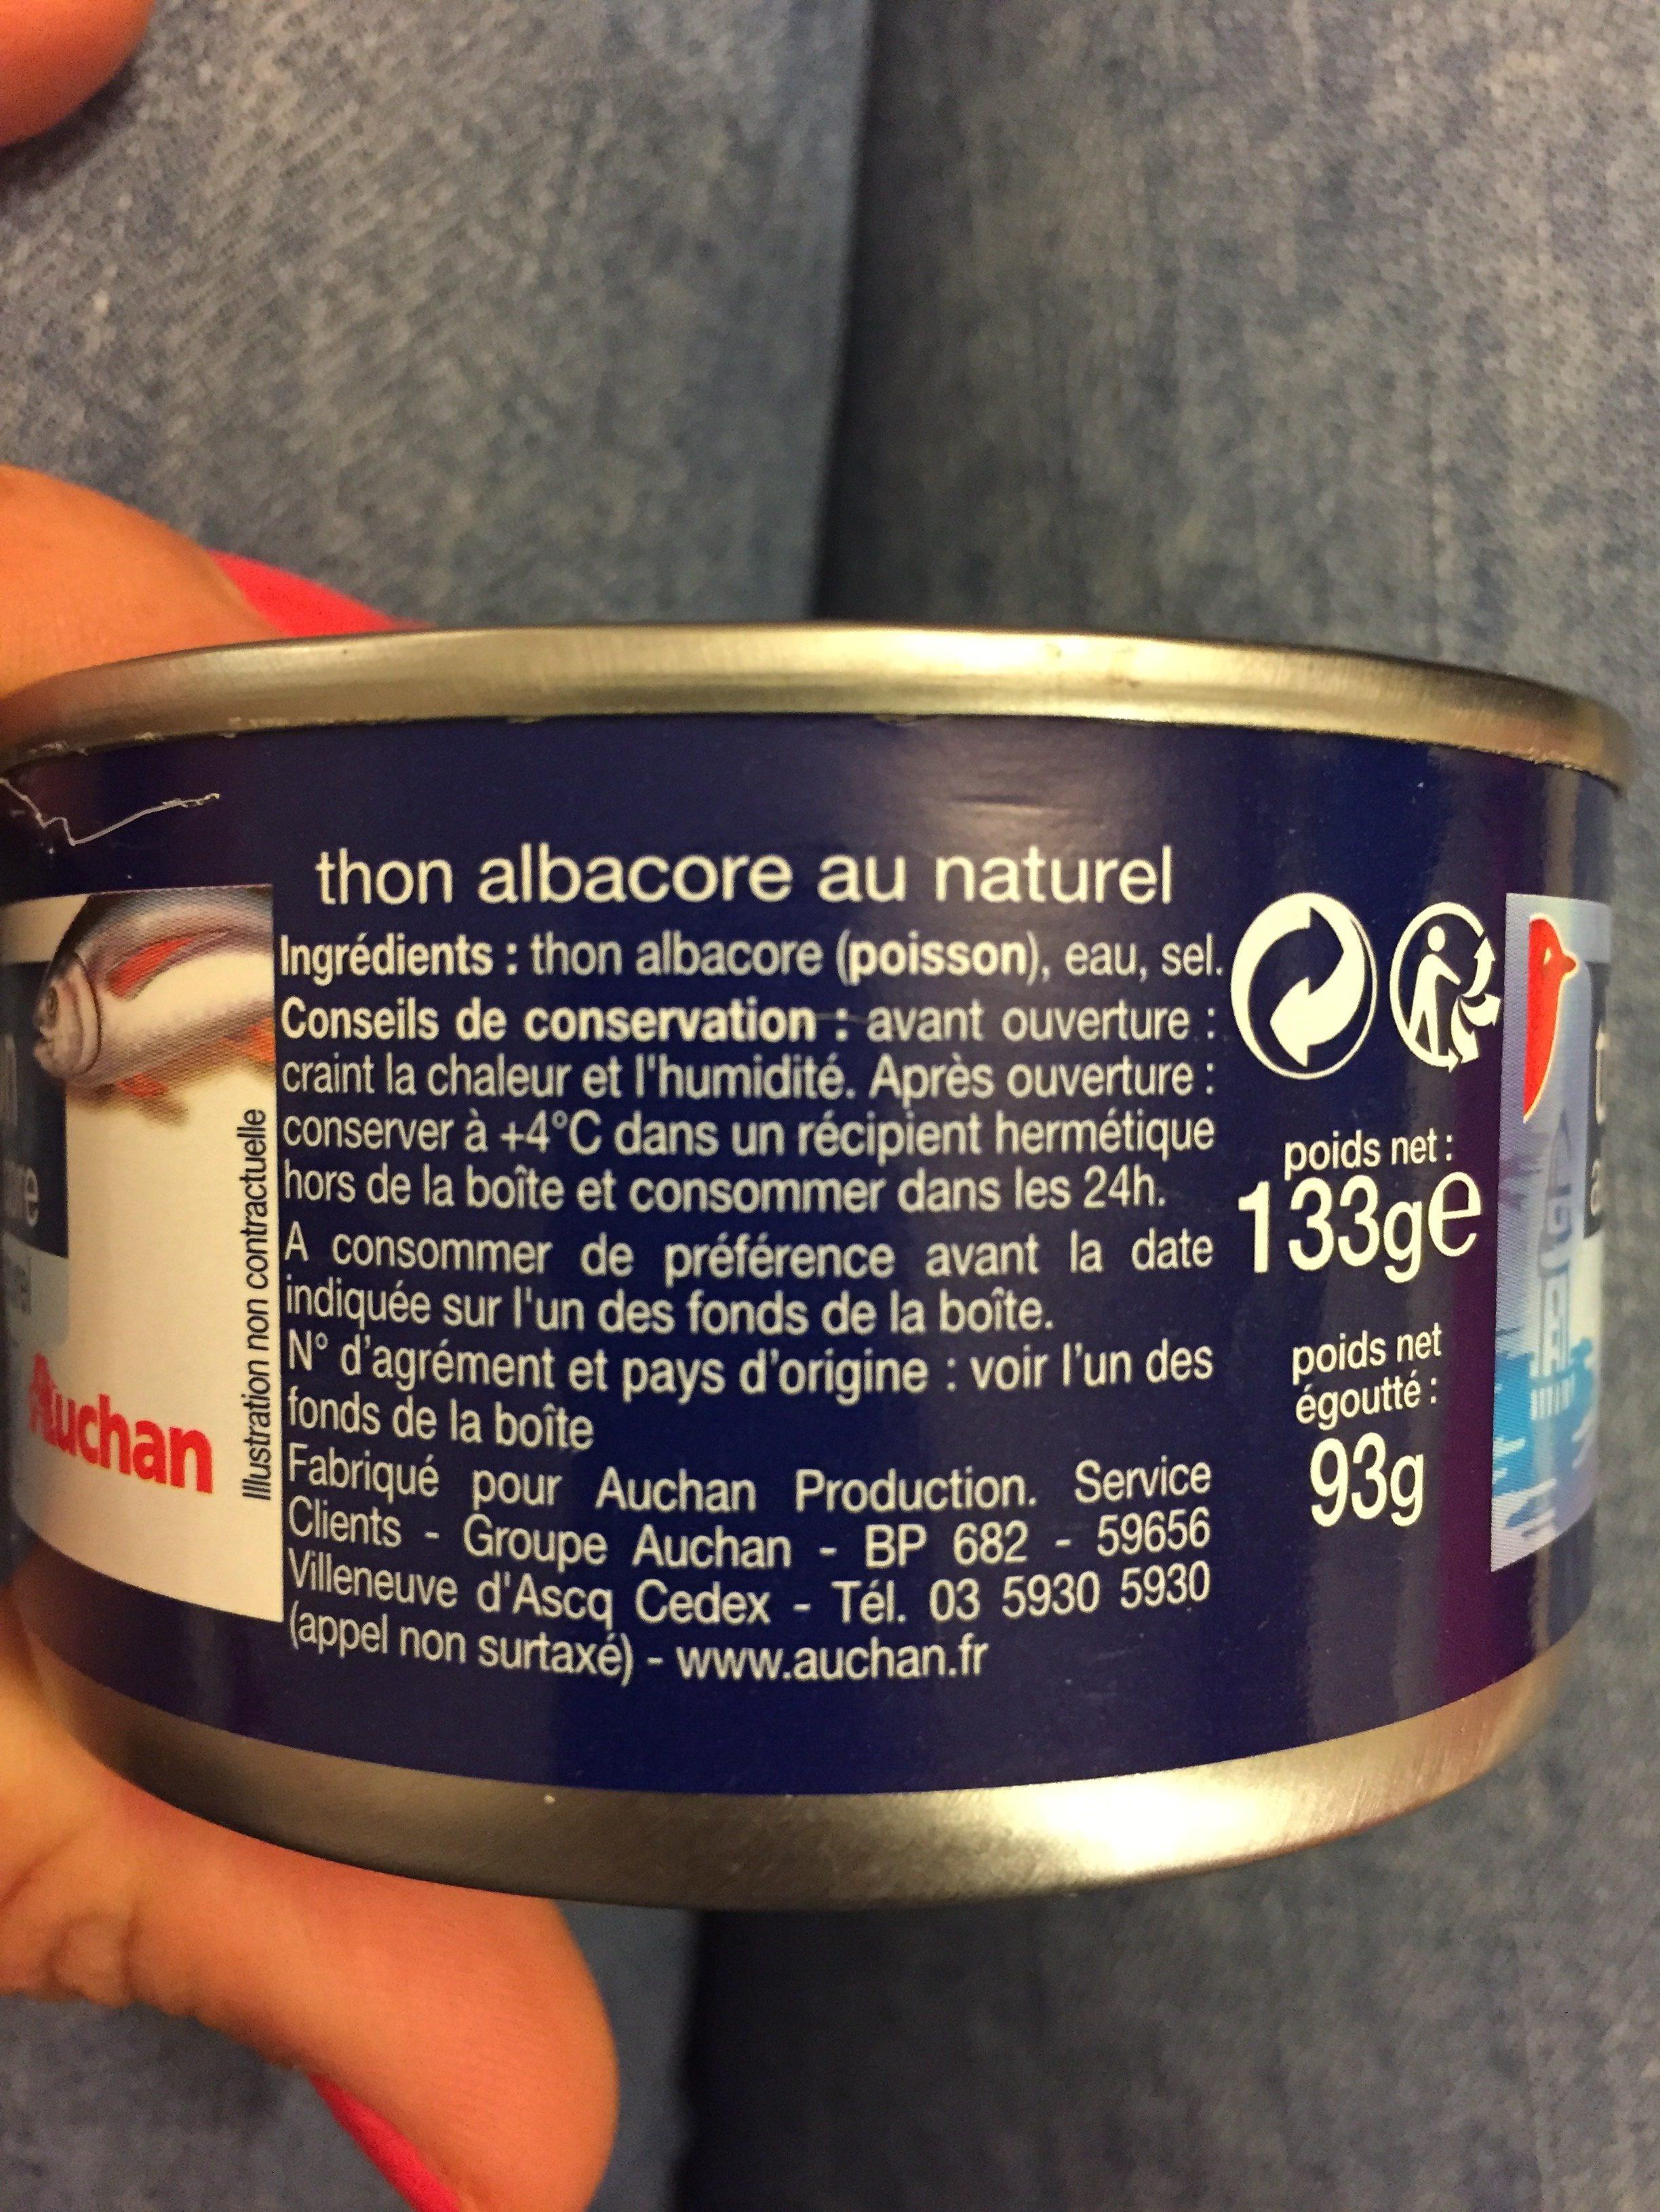 Thon Albacore au Naturel - Ingrédients